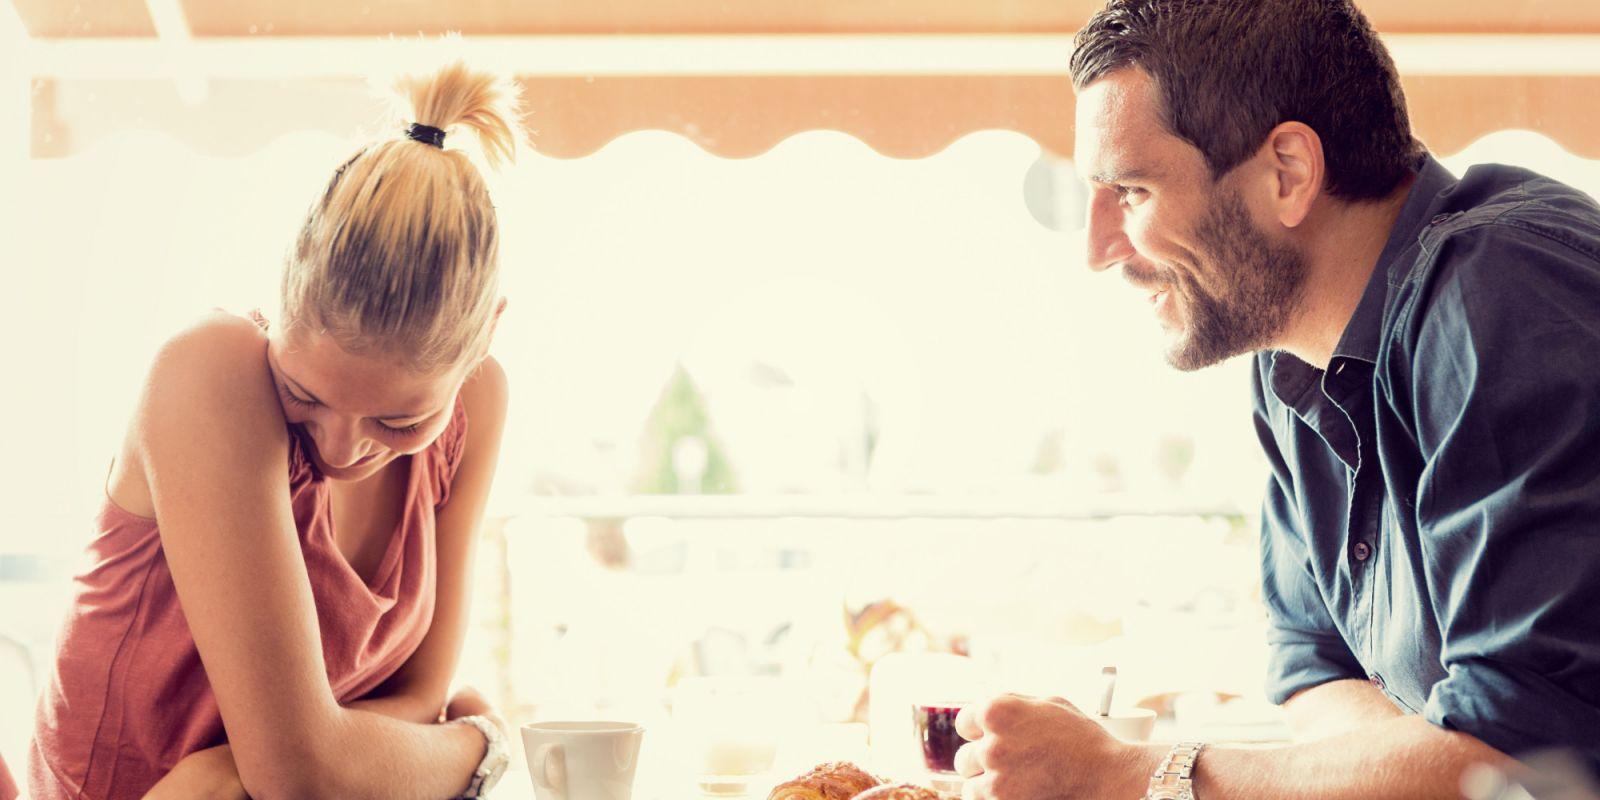 8 câu nói kinh điển của đàn ông khiến phụ nữ mềm lòng